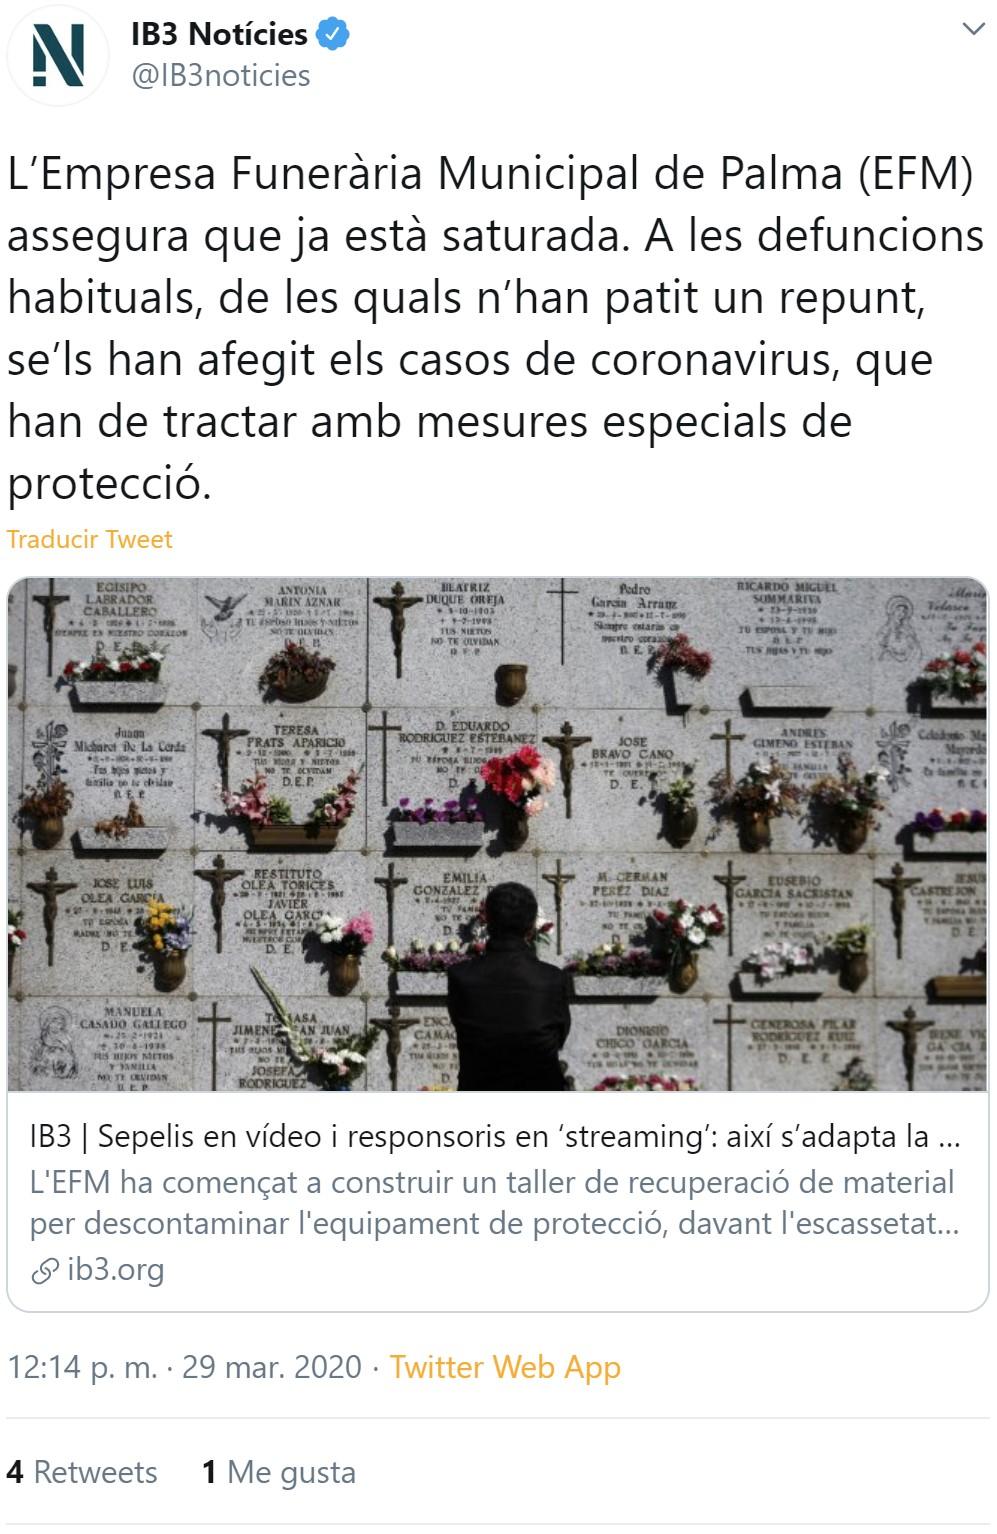 La empresa funeraria municipal de Palma está saturada, pero según el gobierno solo han muerto 32 personas por coronavirus en 15 días entre todas las islas...